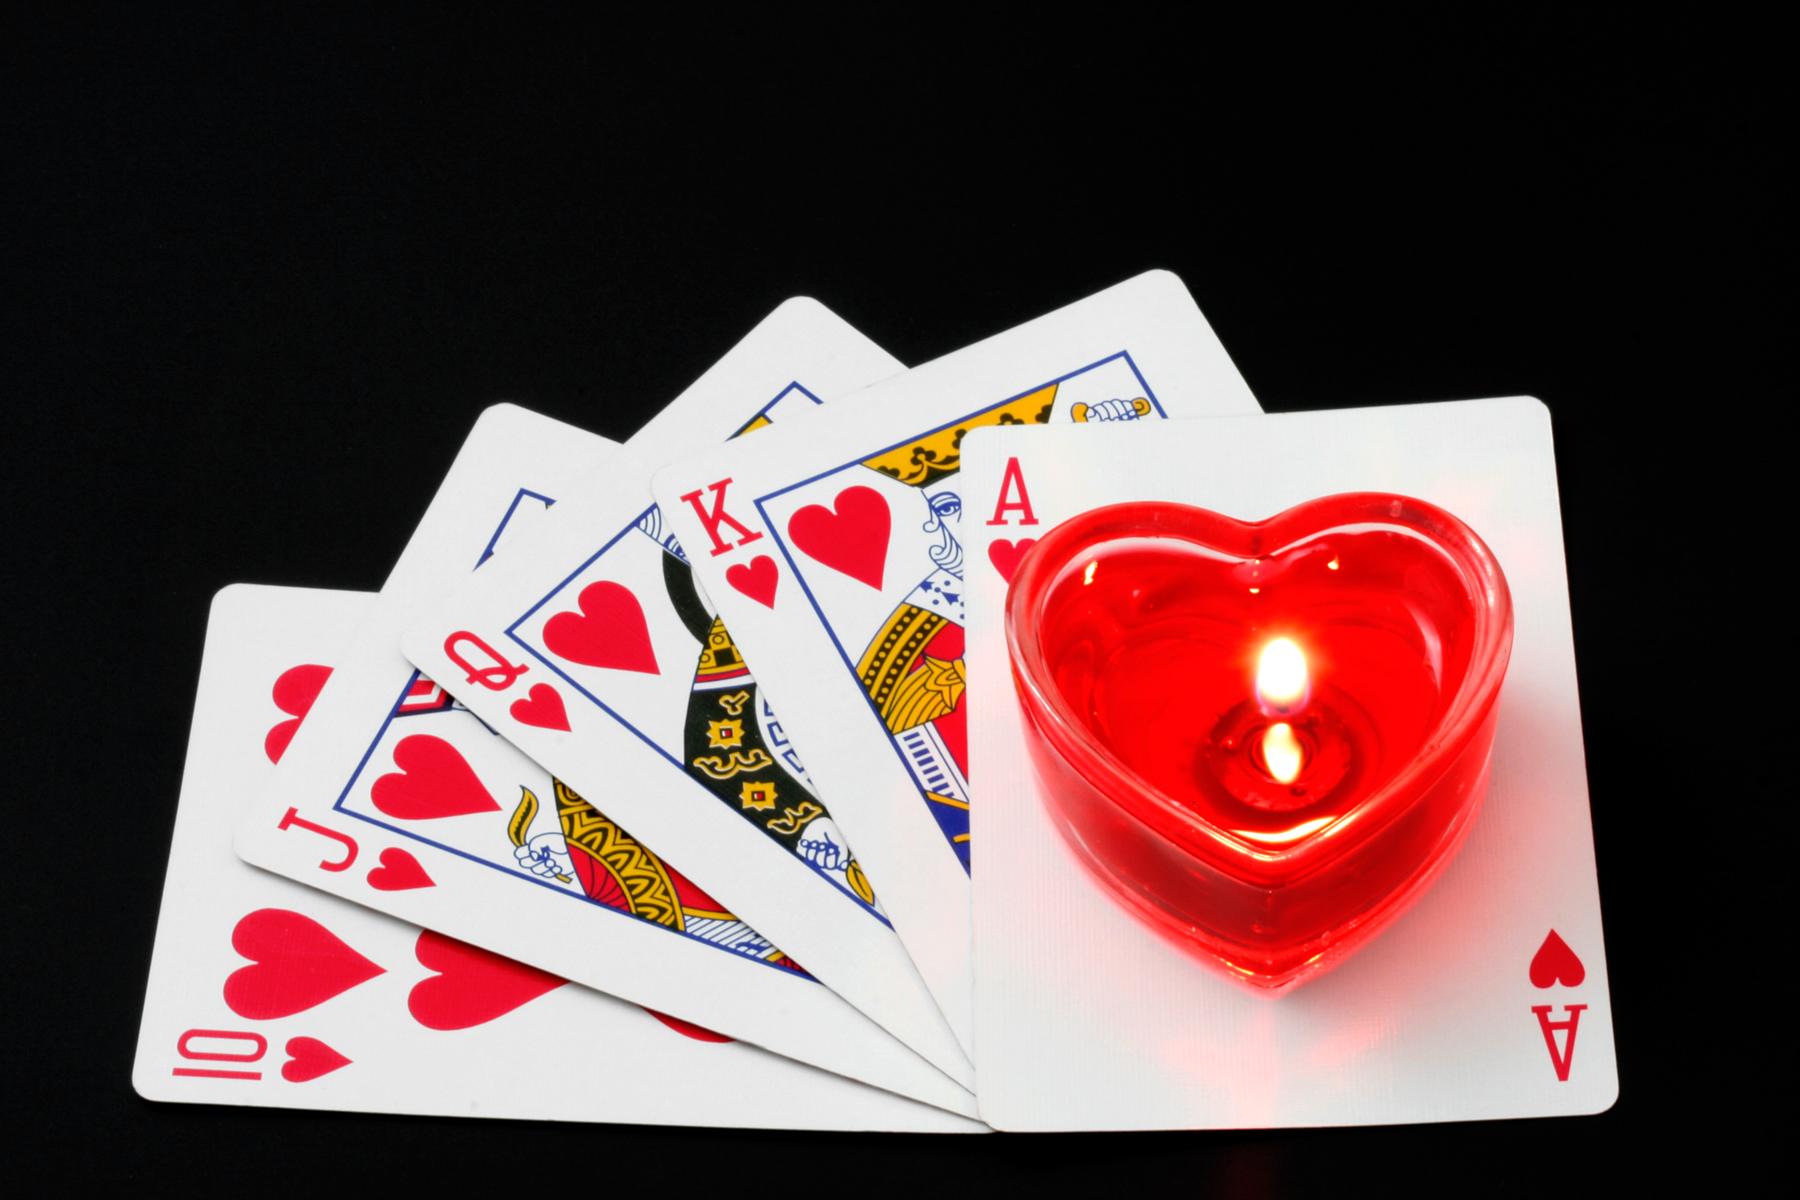 Гадание на любимого на игральных картах: способы и толкования